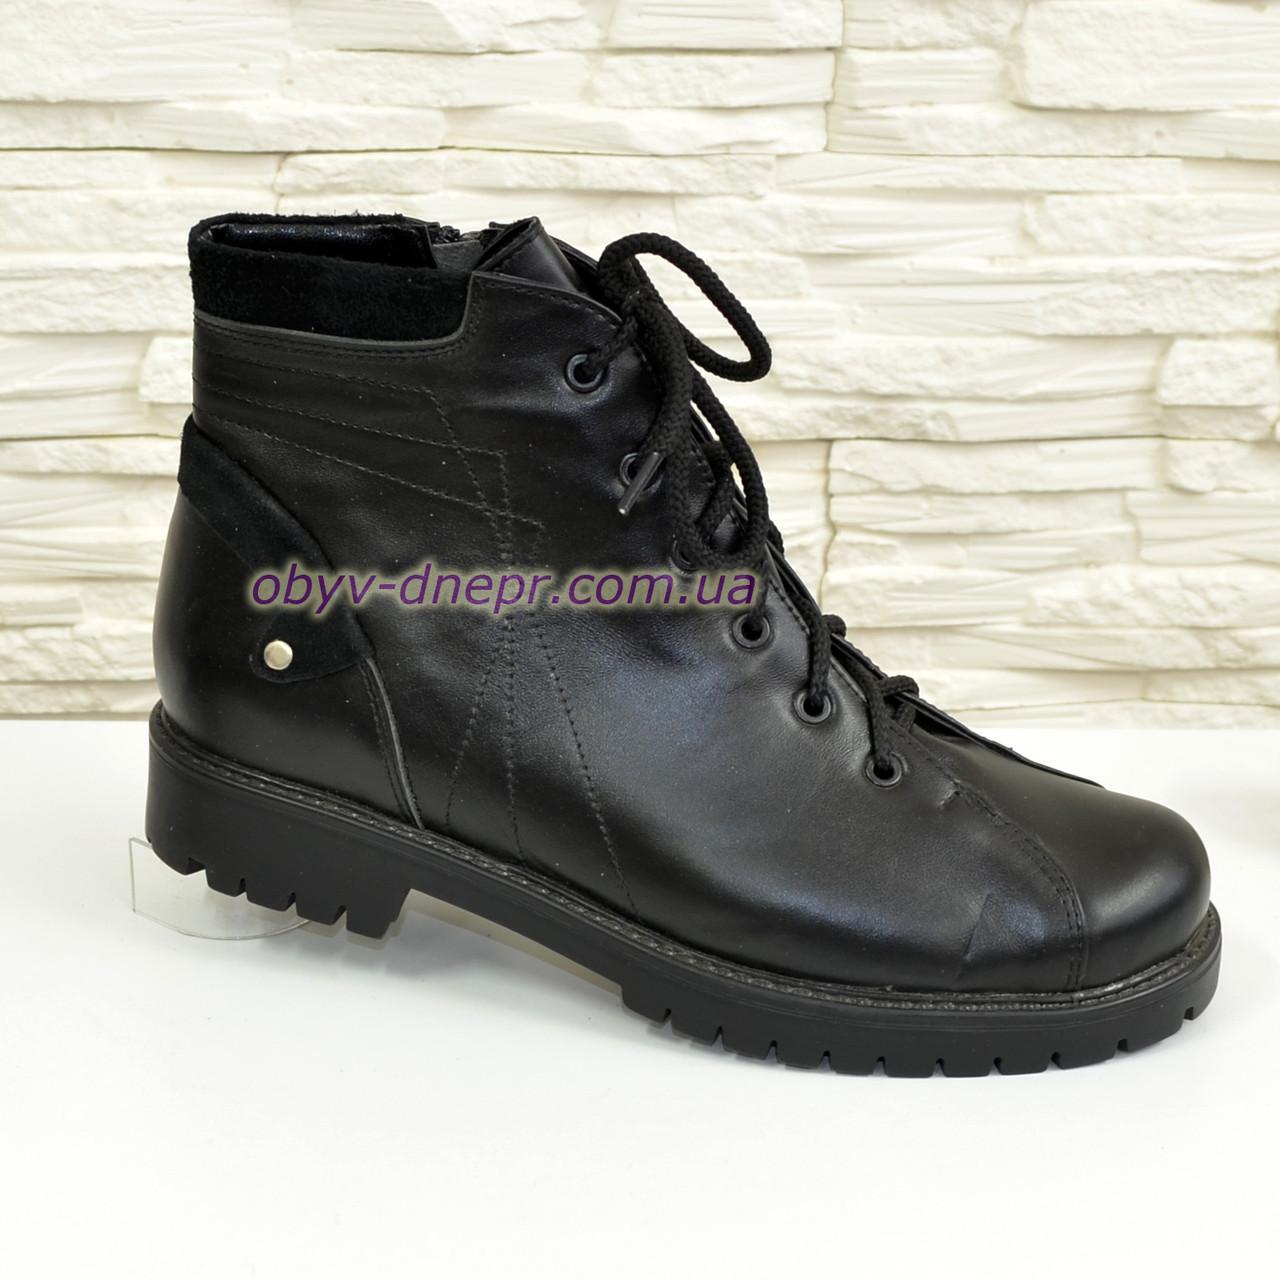 f995bb4a Ботинки женские зимние кожаные на шнуровке, цвет черный. - Интернет-магазин  «ОГО